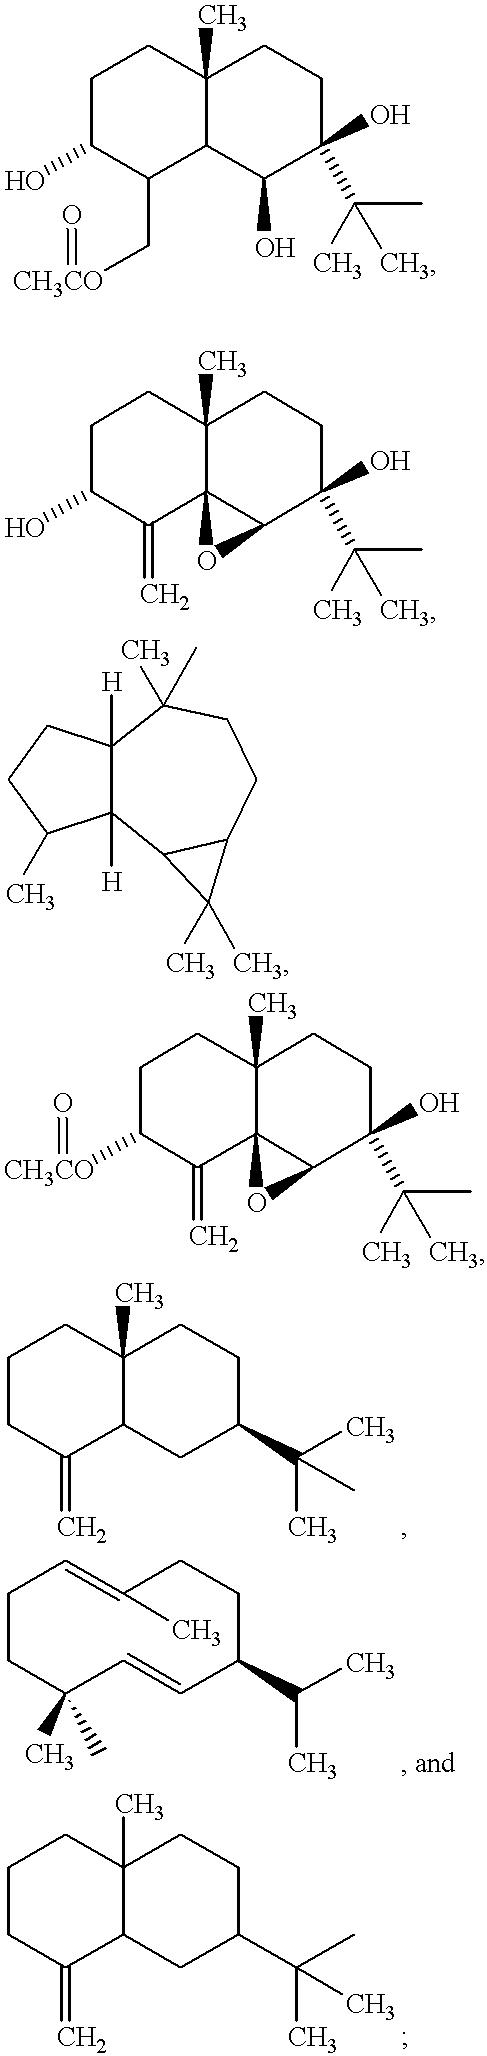 Figure US06225342-20010501-C00037